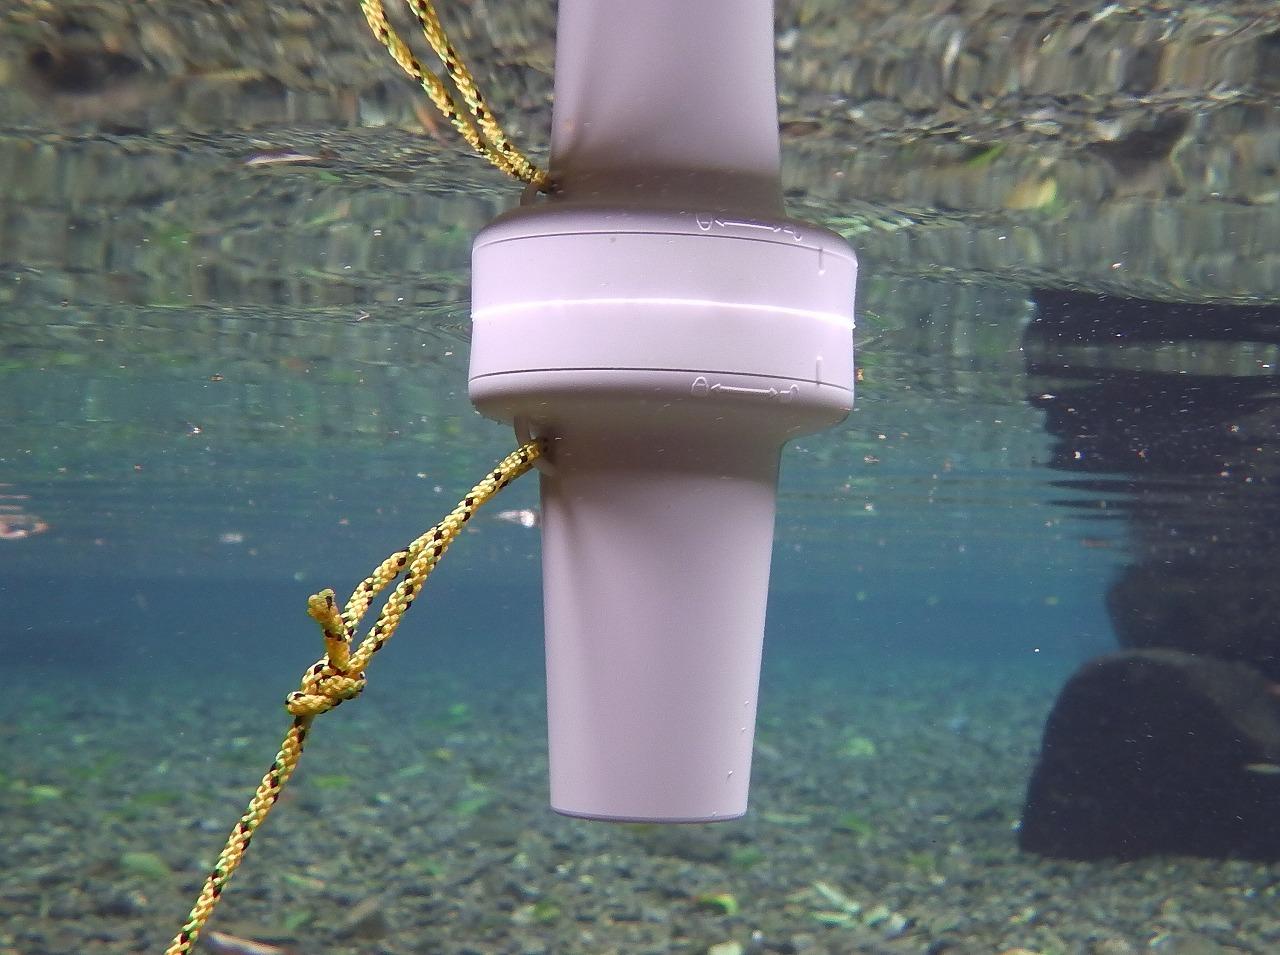 防水型無線水温計 SK-310BT